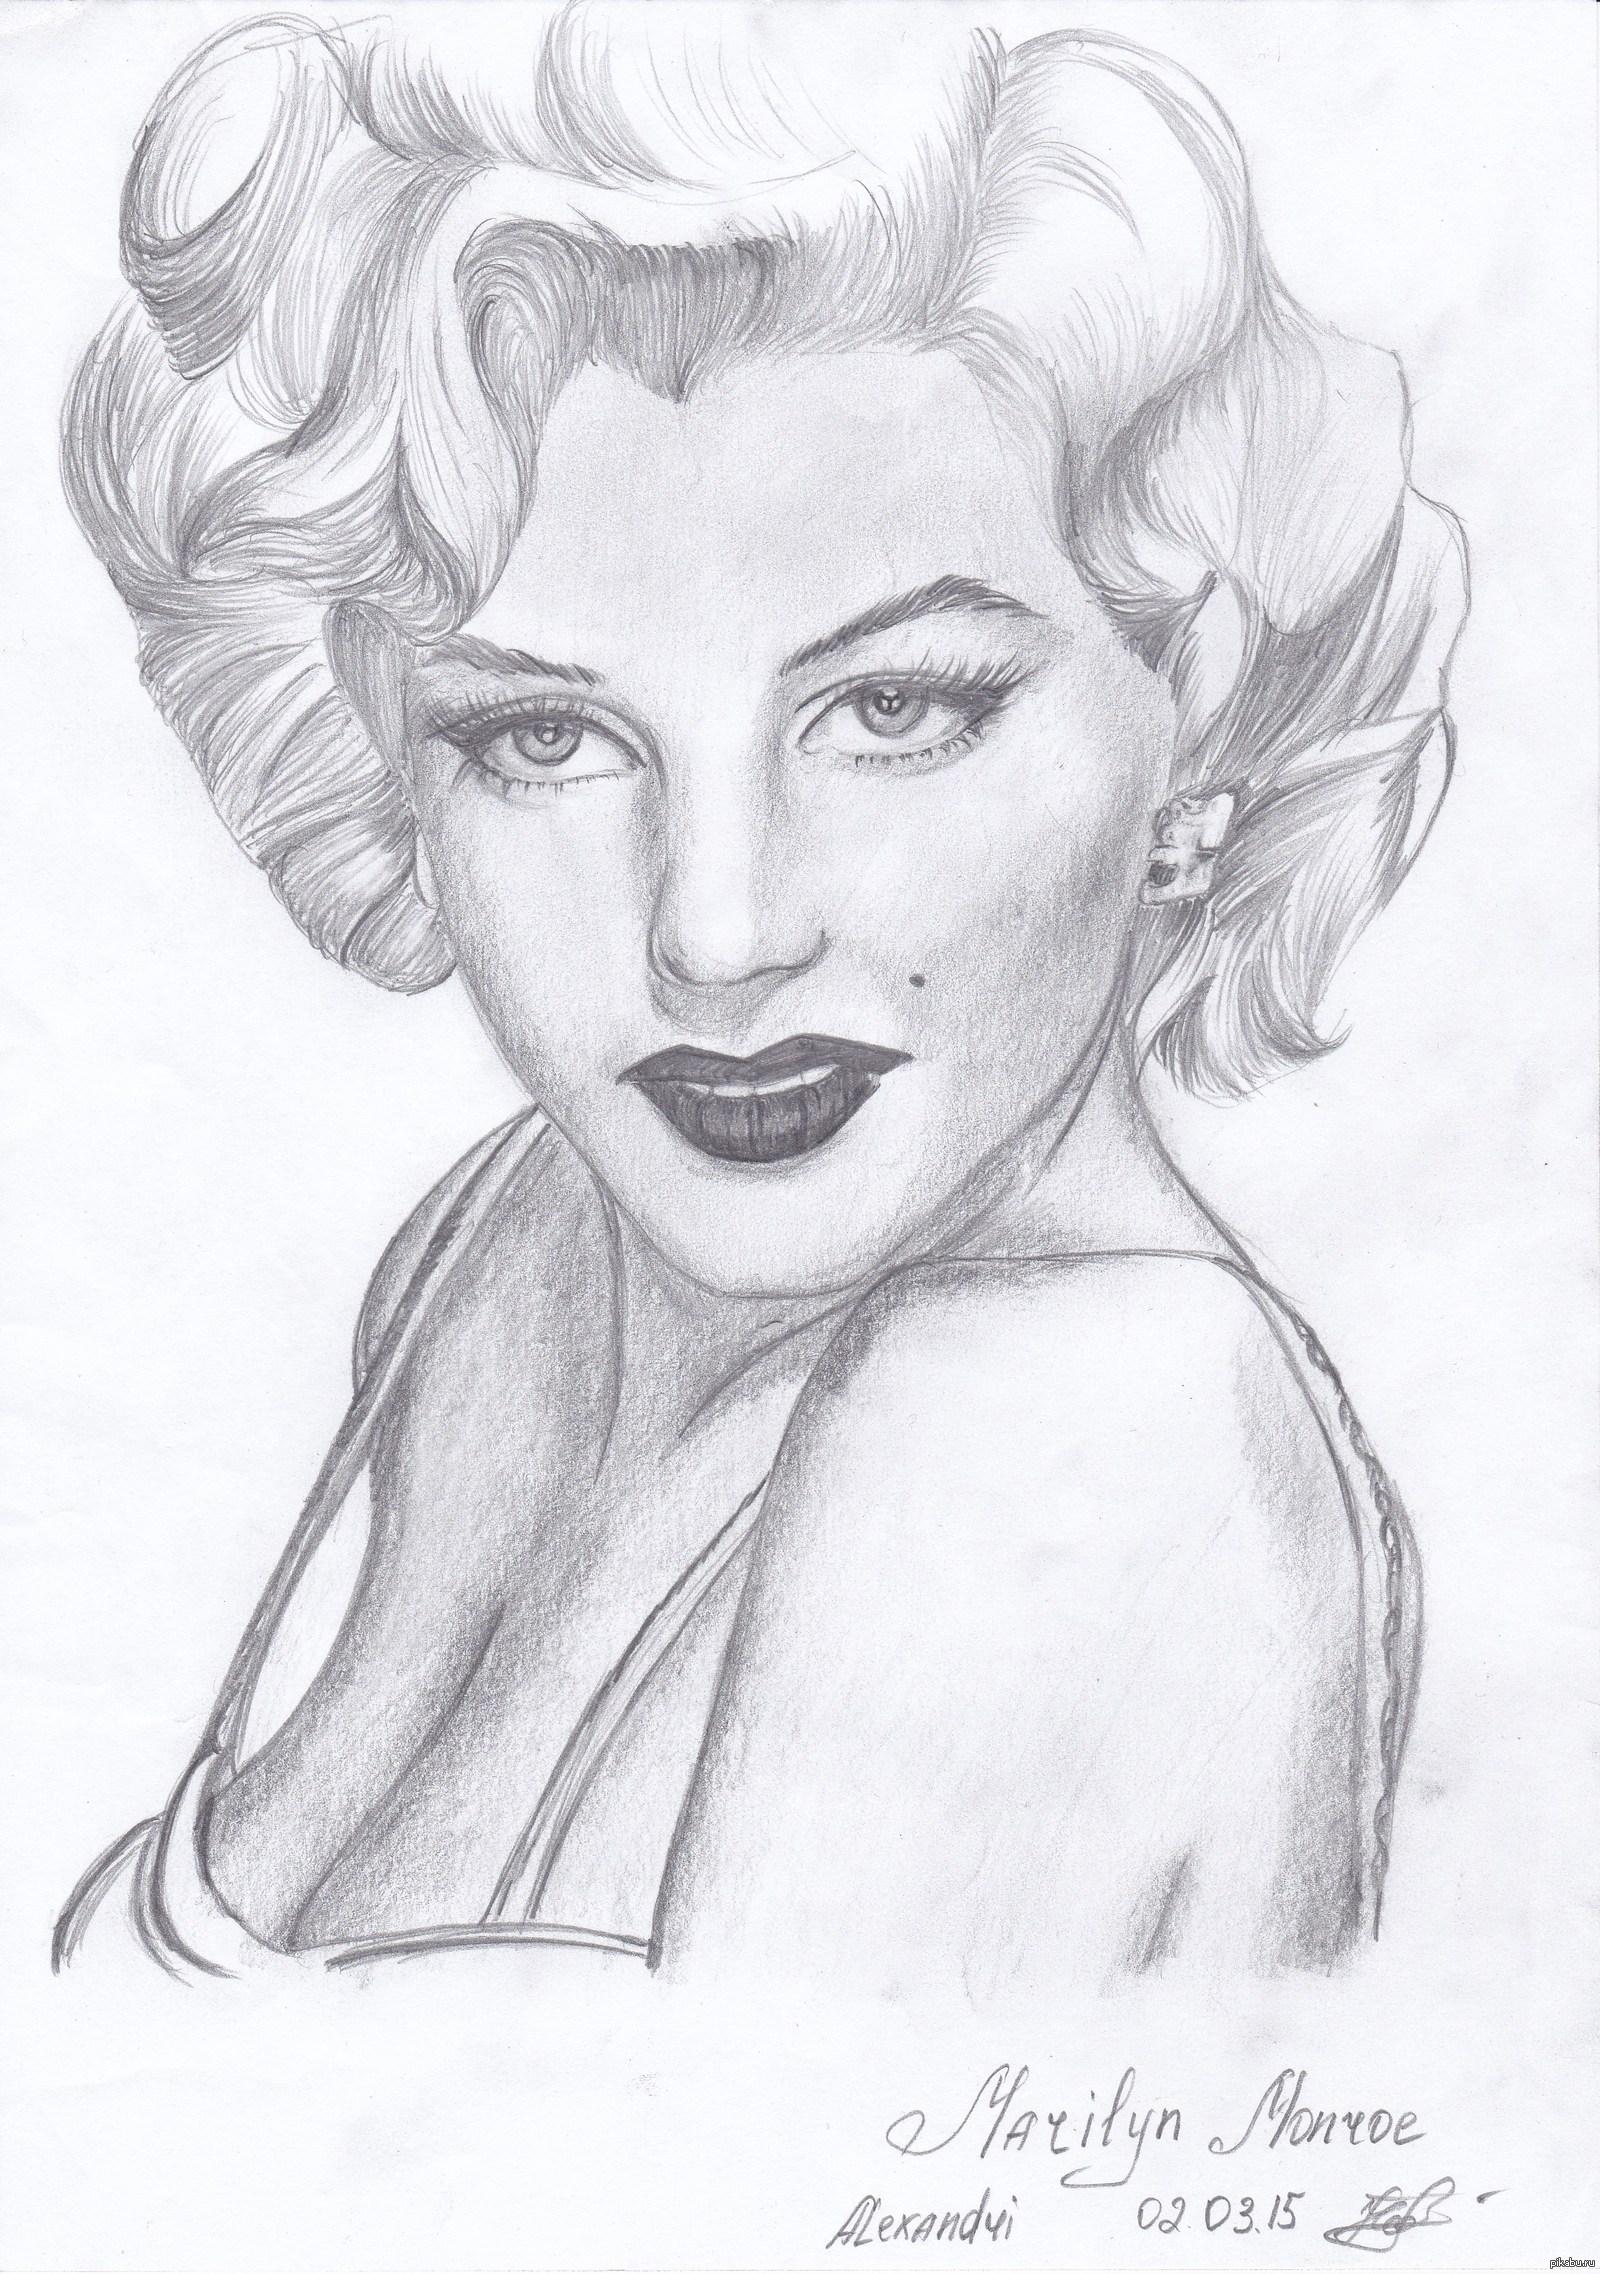 Картинка для срисовки знаменитости